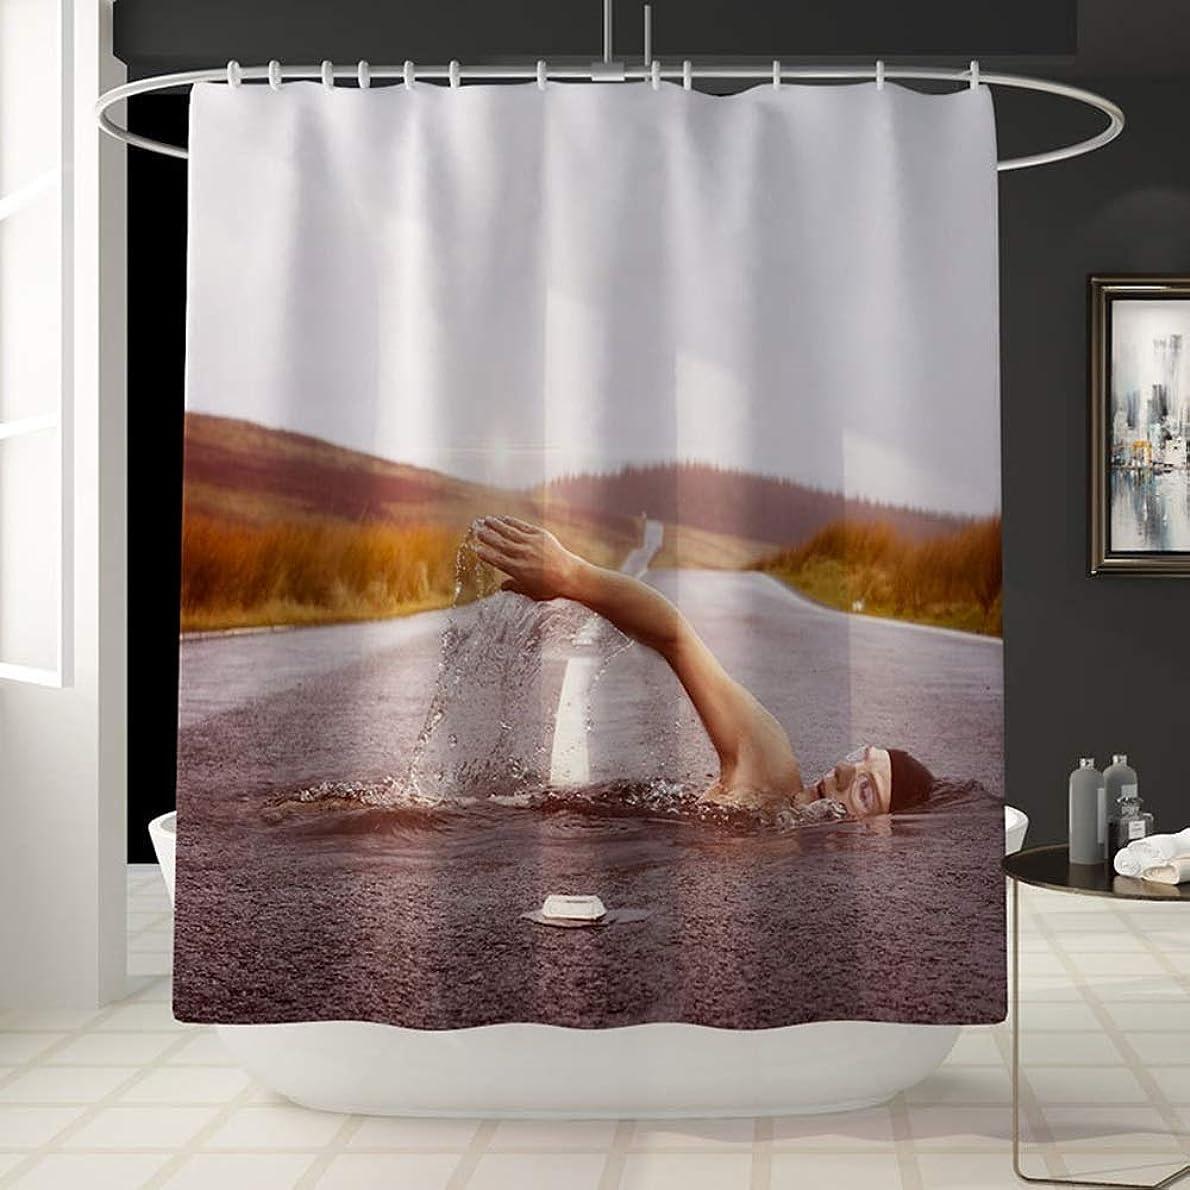 ツインすごいスパーク浴室防水水泳パターン楽しいシャワーカーテン風呂アカウントカーテン浴槽フェードしないでください汎用性の高い快適なシャワーカーテン180センチ* 180センチ洗濯機で洗えます フェンコー